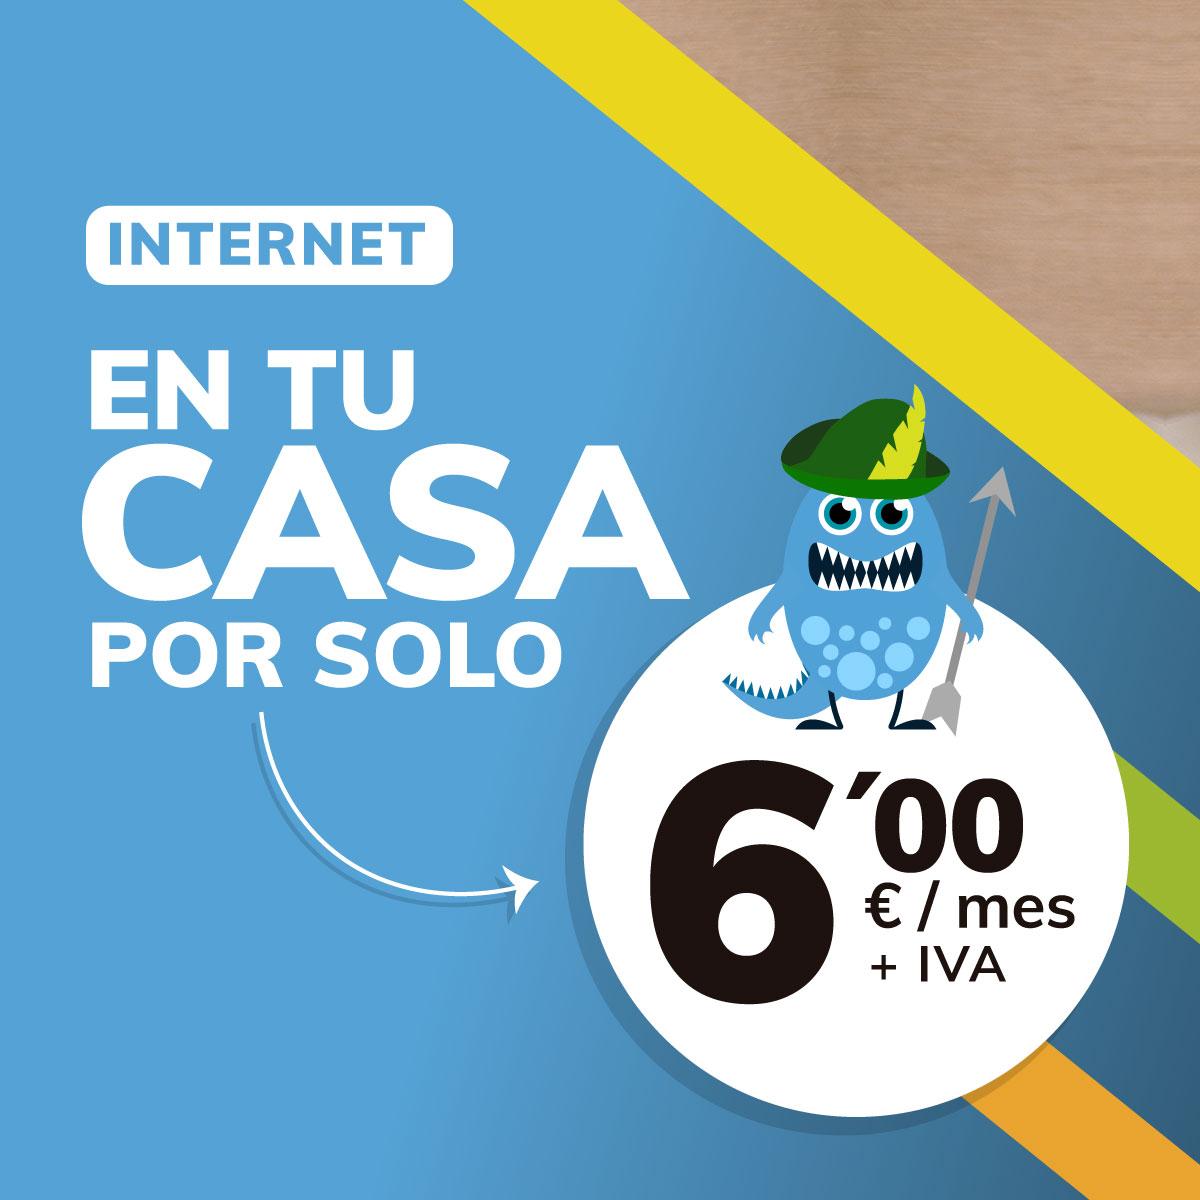 Internet en casa desde 6€